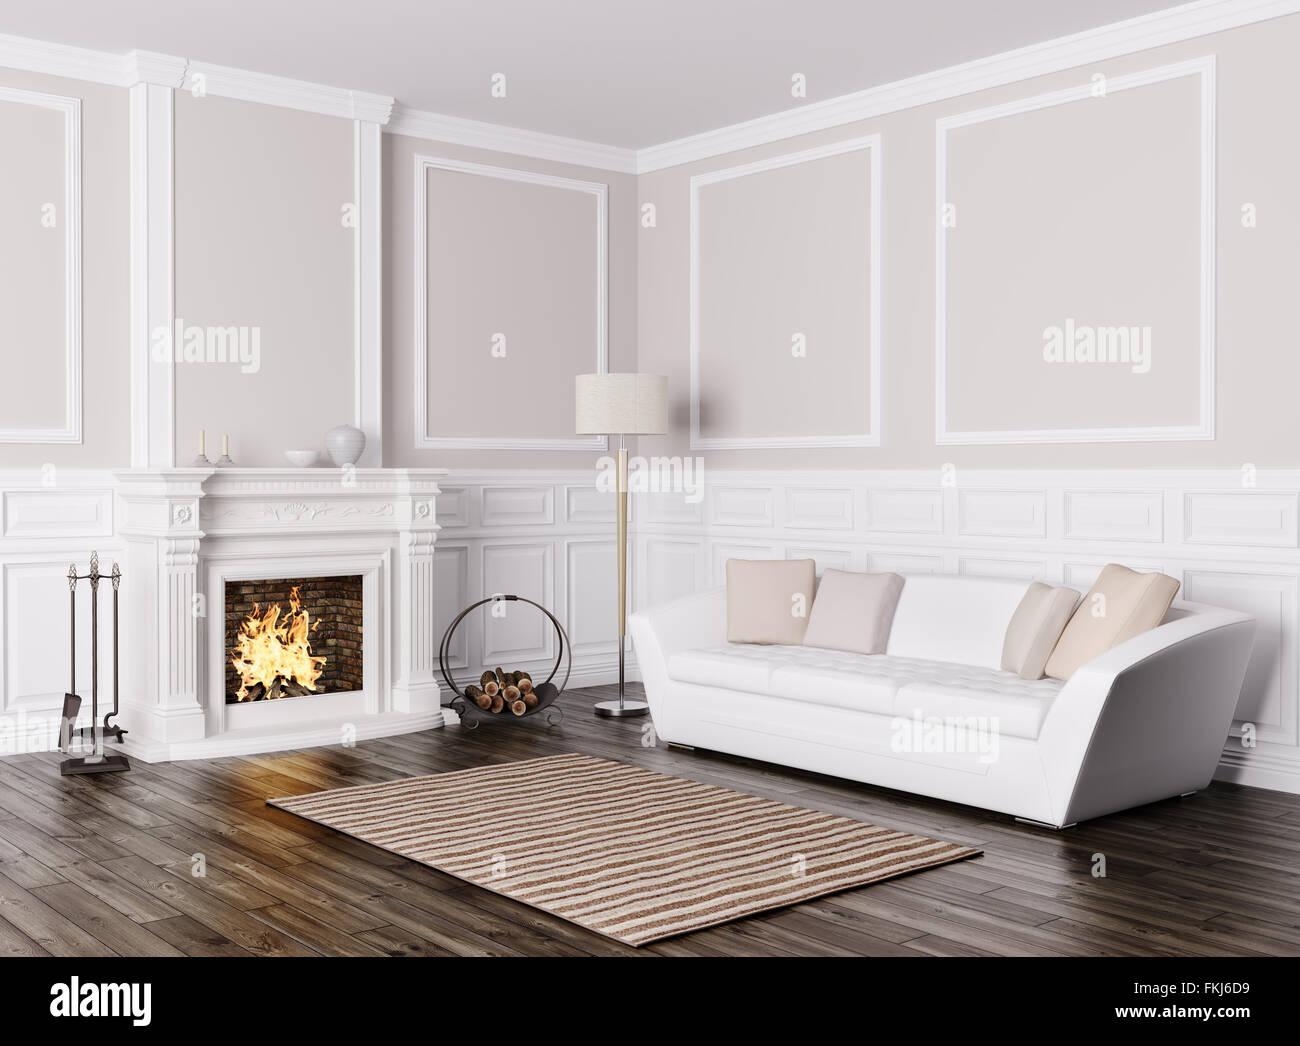 Klassische Inneneinrichtung Aus Wohnzimmer Mit Sofa Und Kamin 3D Rendering